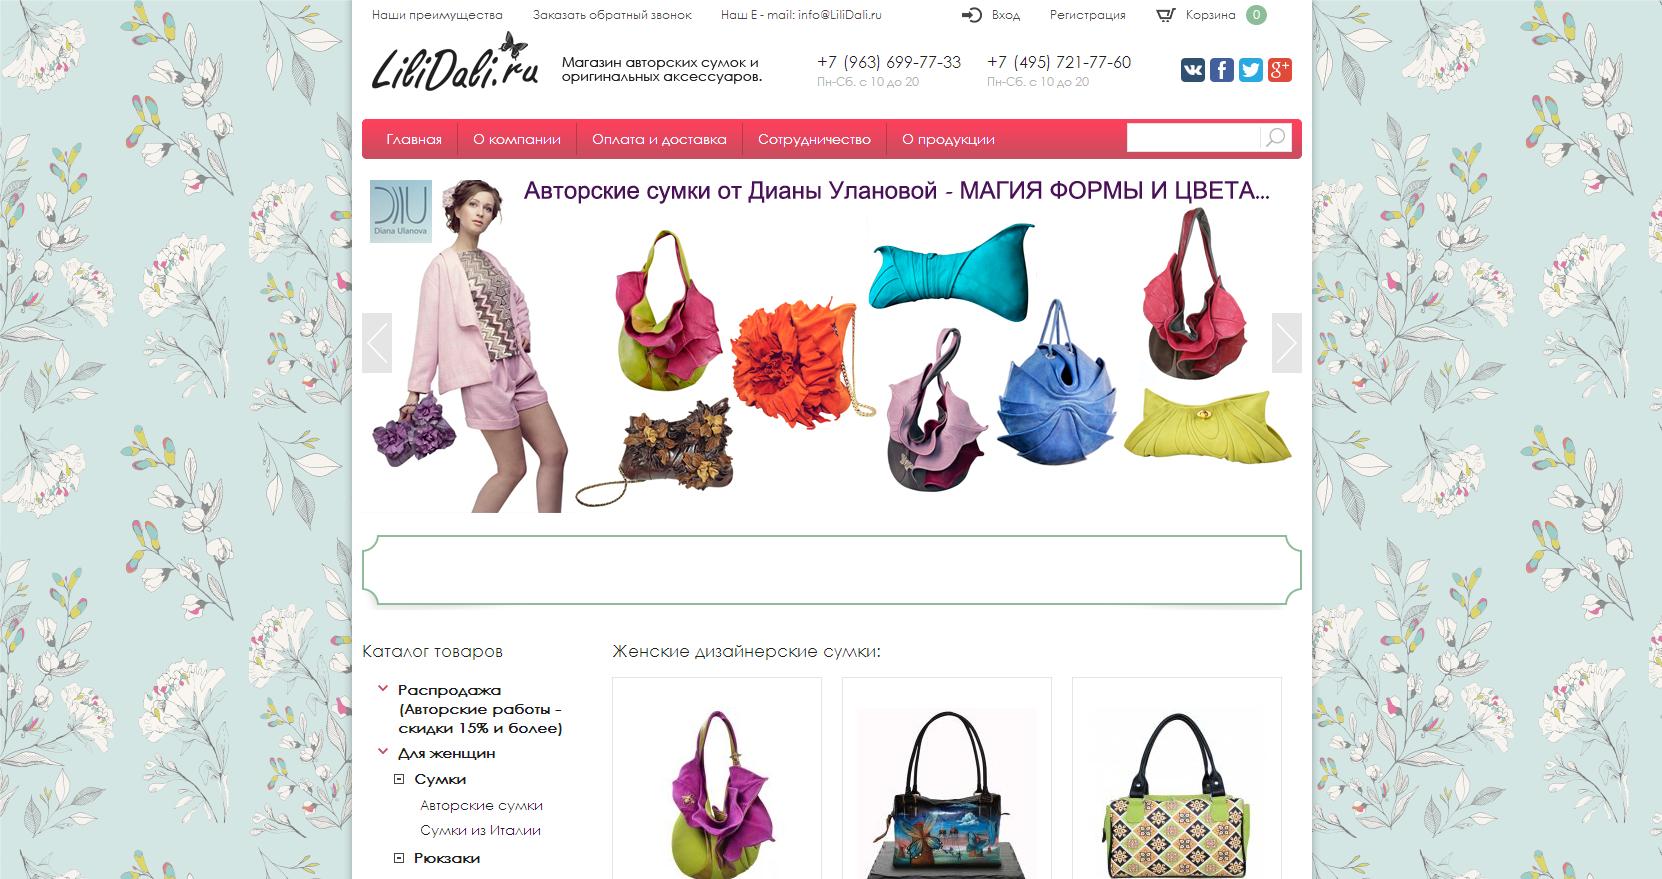 Интернет-магазин дизайнерских сумок и оригинальных аксессуаров